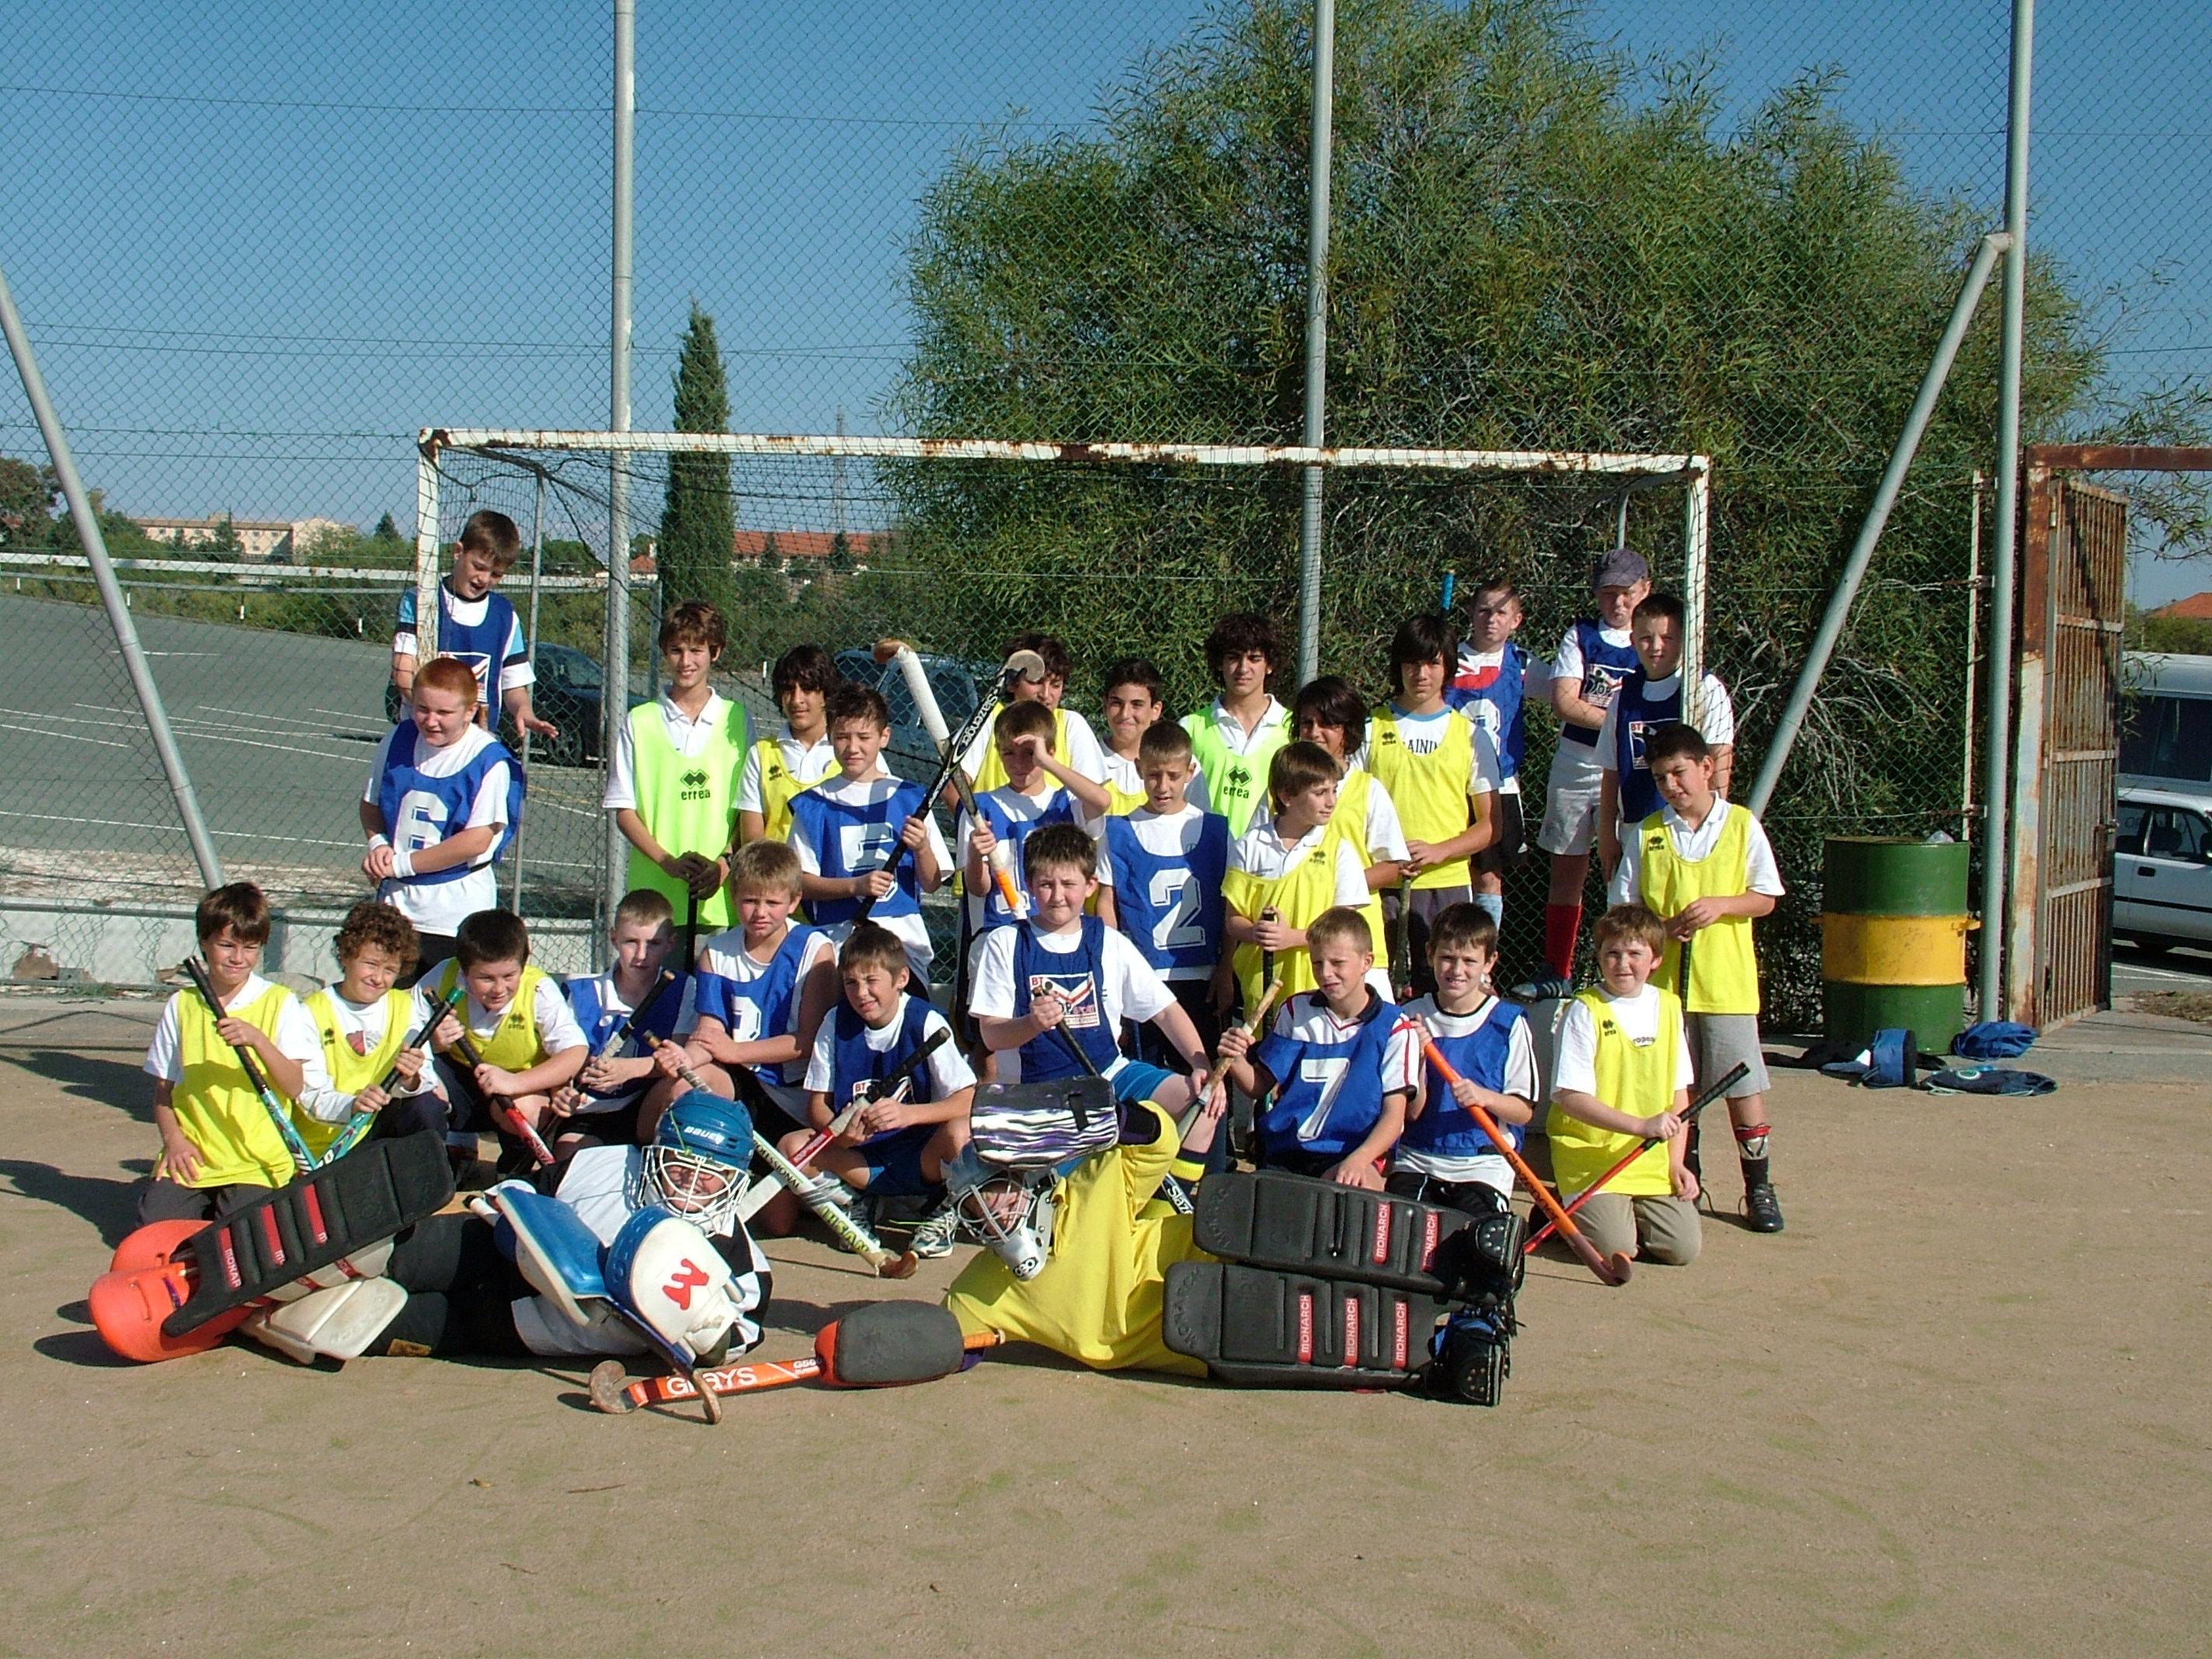 Academy vs Dhekelia 2007